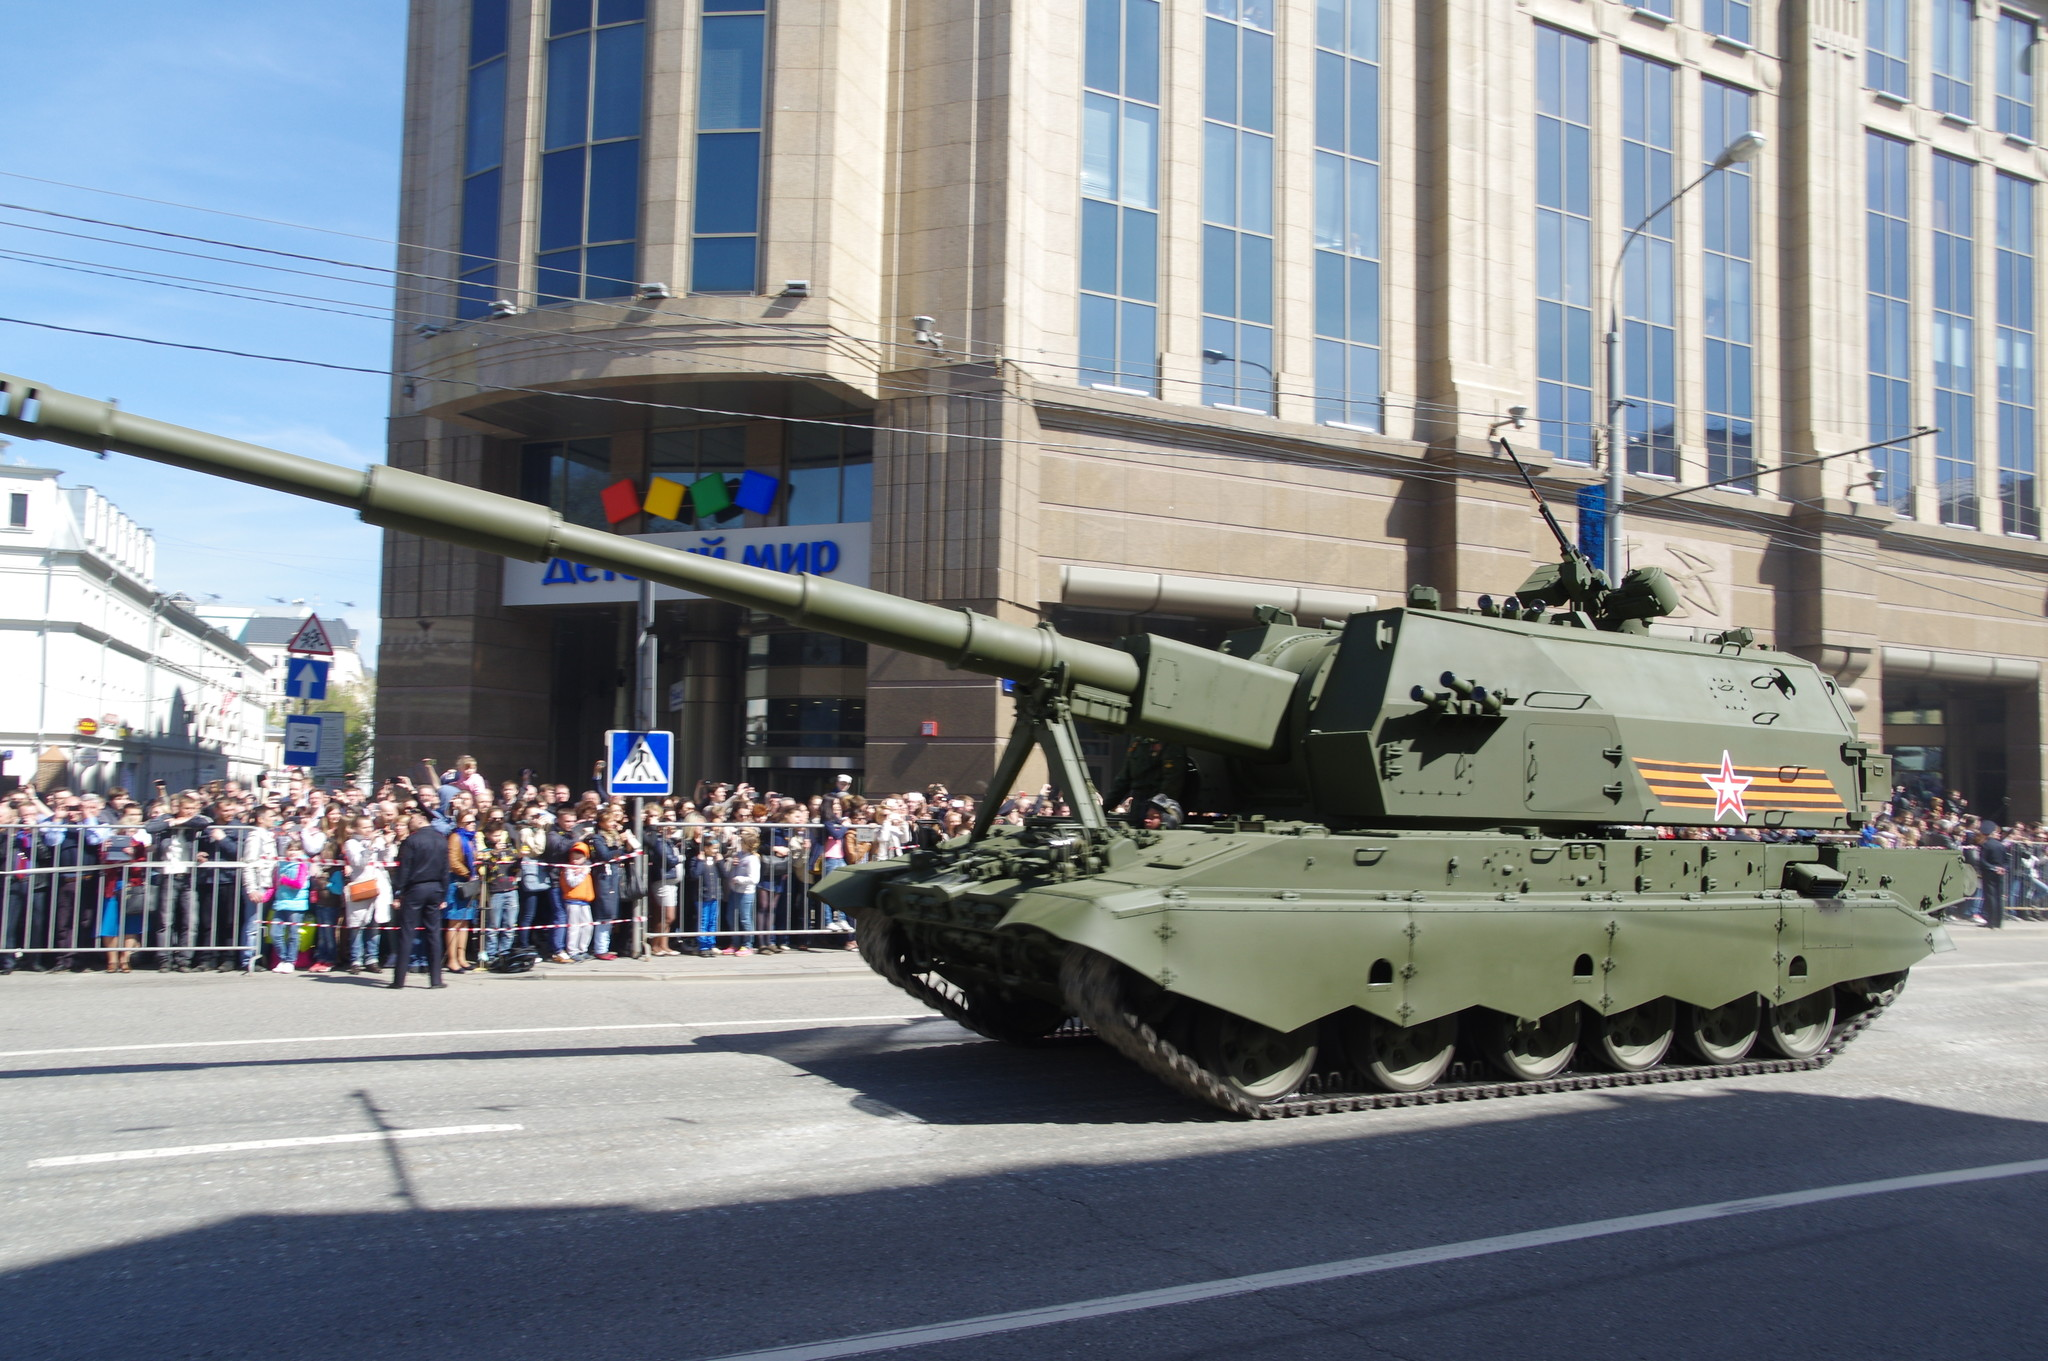 152-миллиметровая самоходная гаубица 2С35 «Коалиция-СВ»